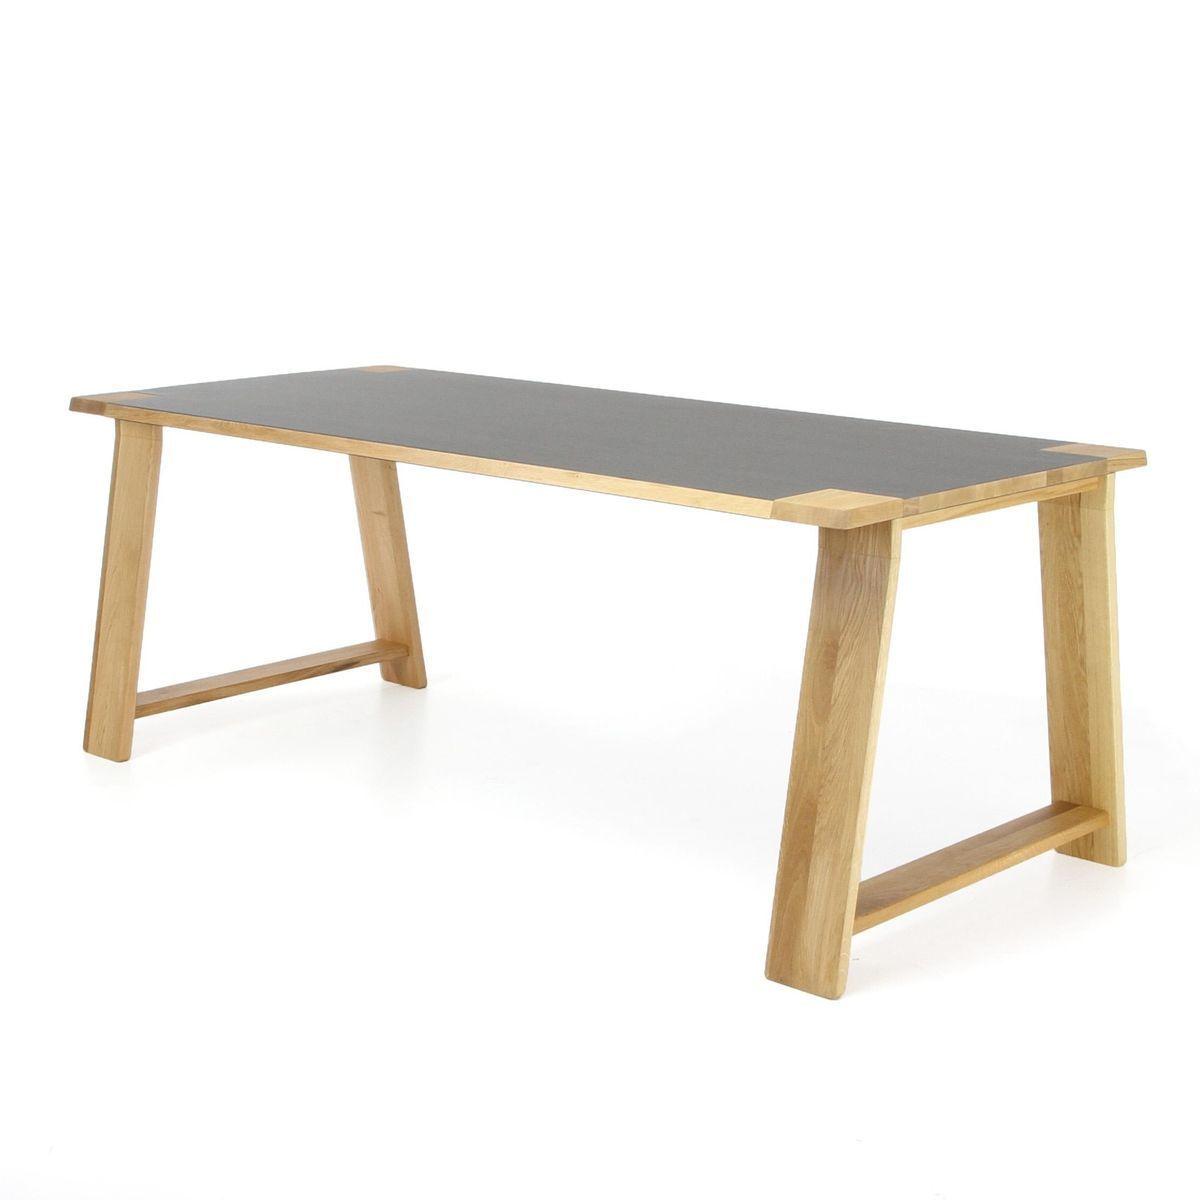 Lino table de salle manger en bois adwood for Table de salle a manger hemisphere sud